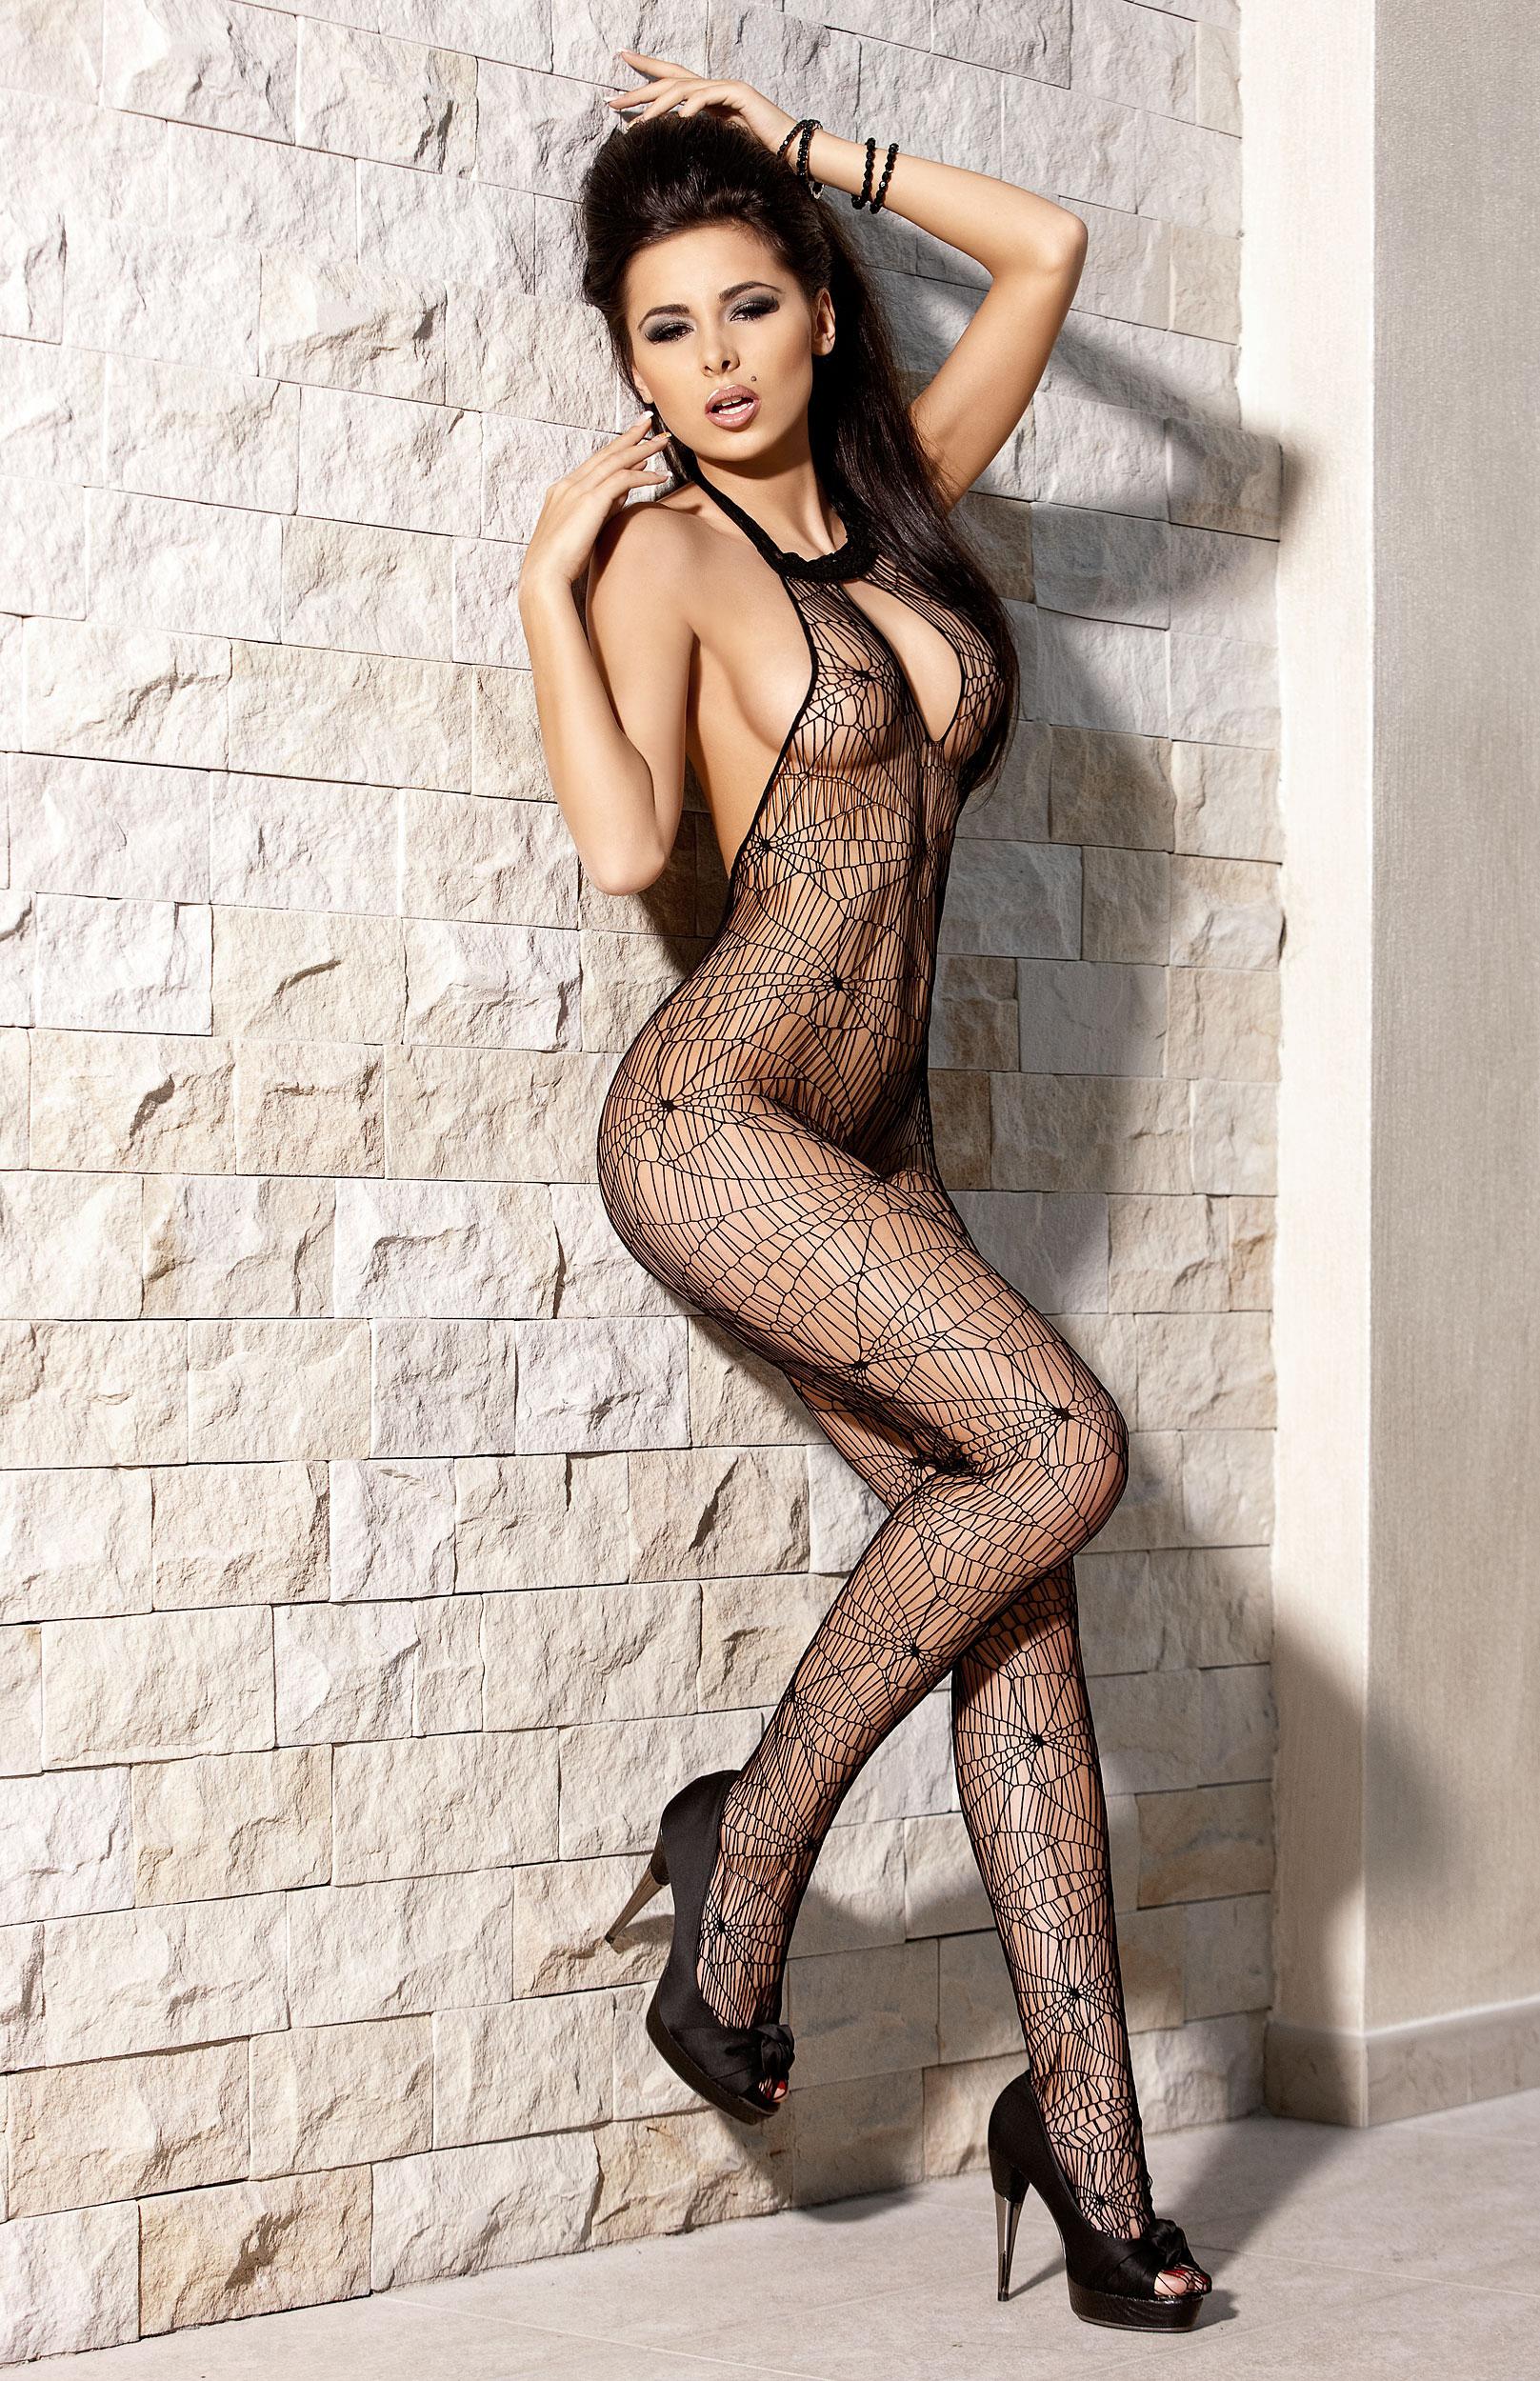 фото нижнем порно белье в вконтакте модели